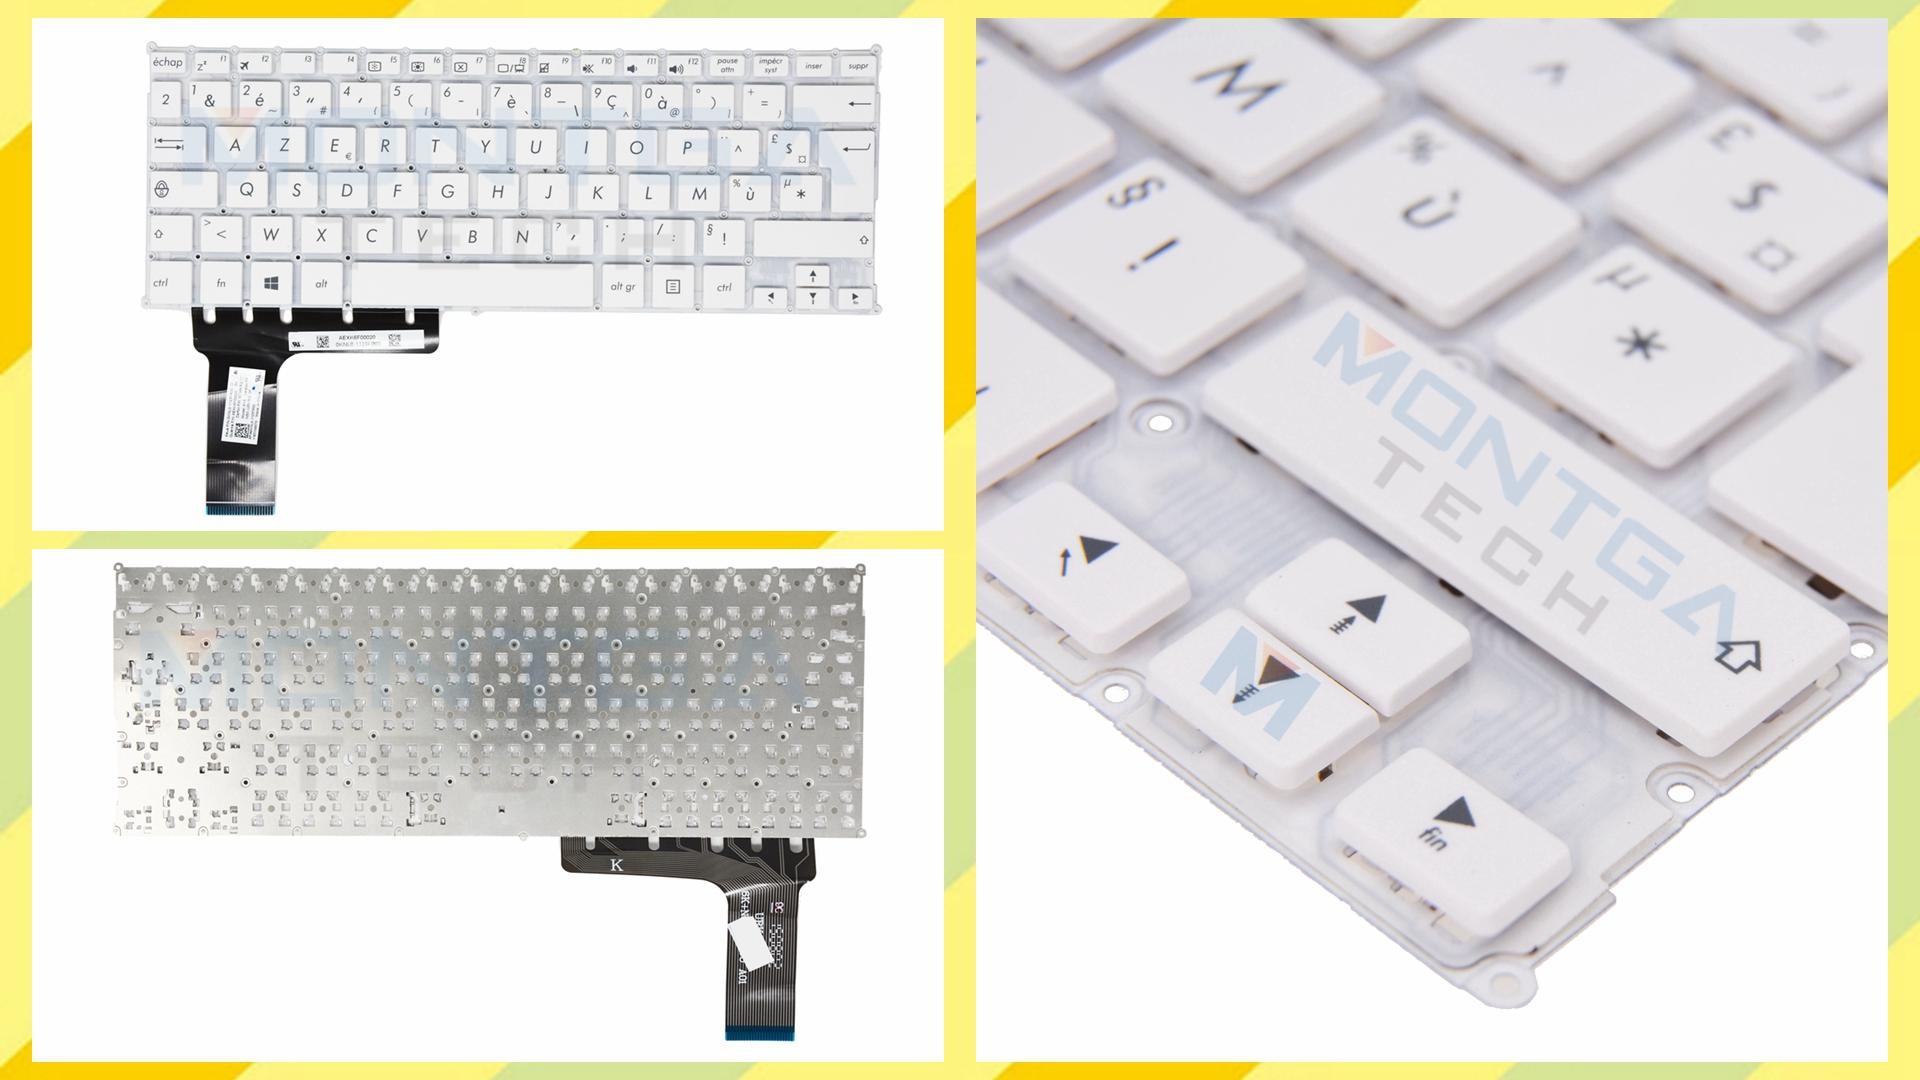 Keyboard Asus, Asus E202SA Keyboard, Asus E202SA Keyboard AZERTY Français, Asus E202SA Blanc Keyboard, Asus 0KNL0-1123FR00 AEXK6F00020, 0KNL0-1123FR00 AEXK6F00020,